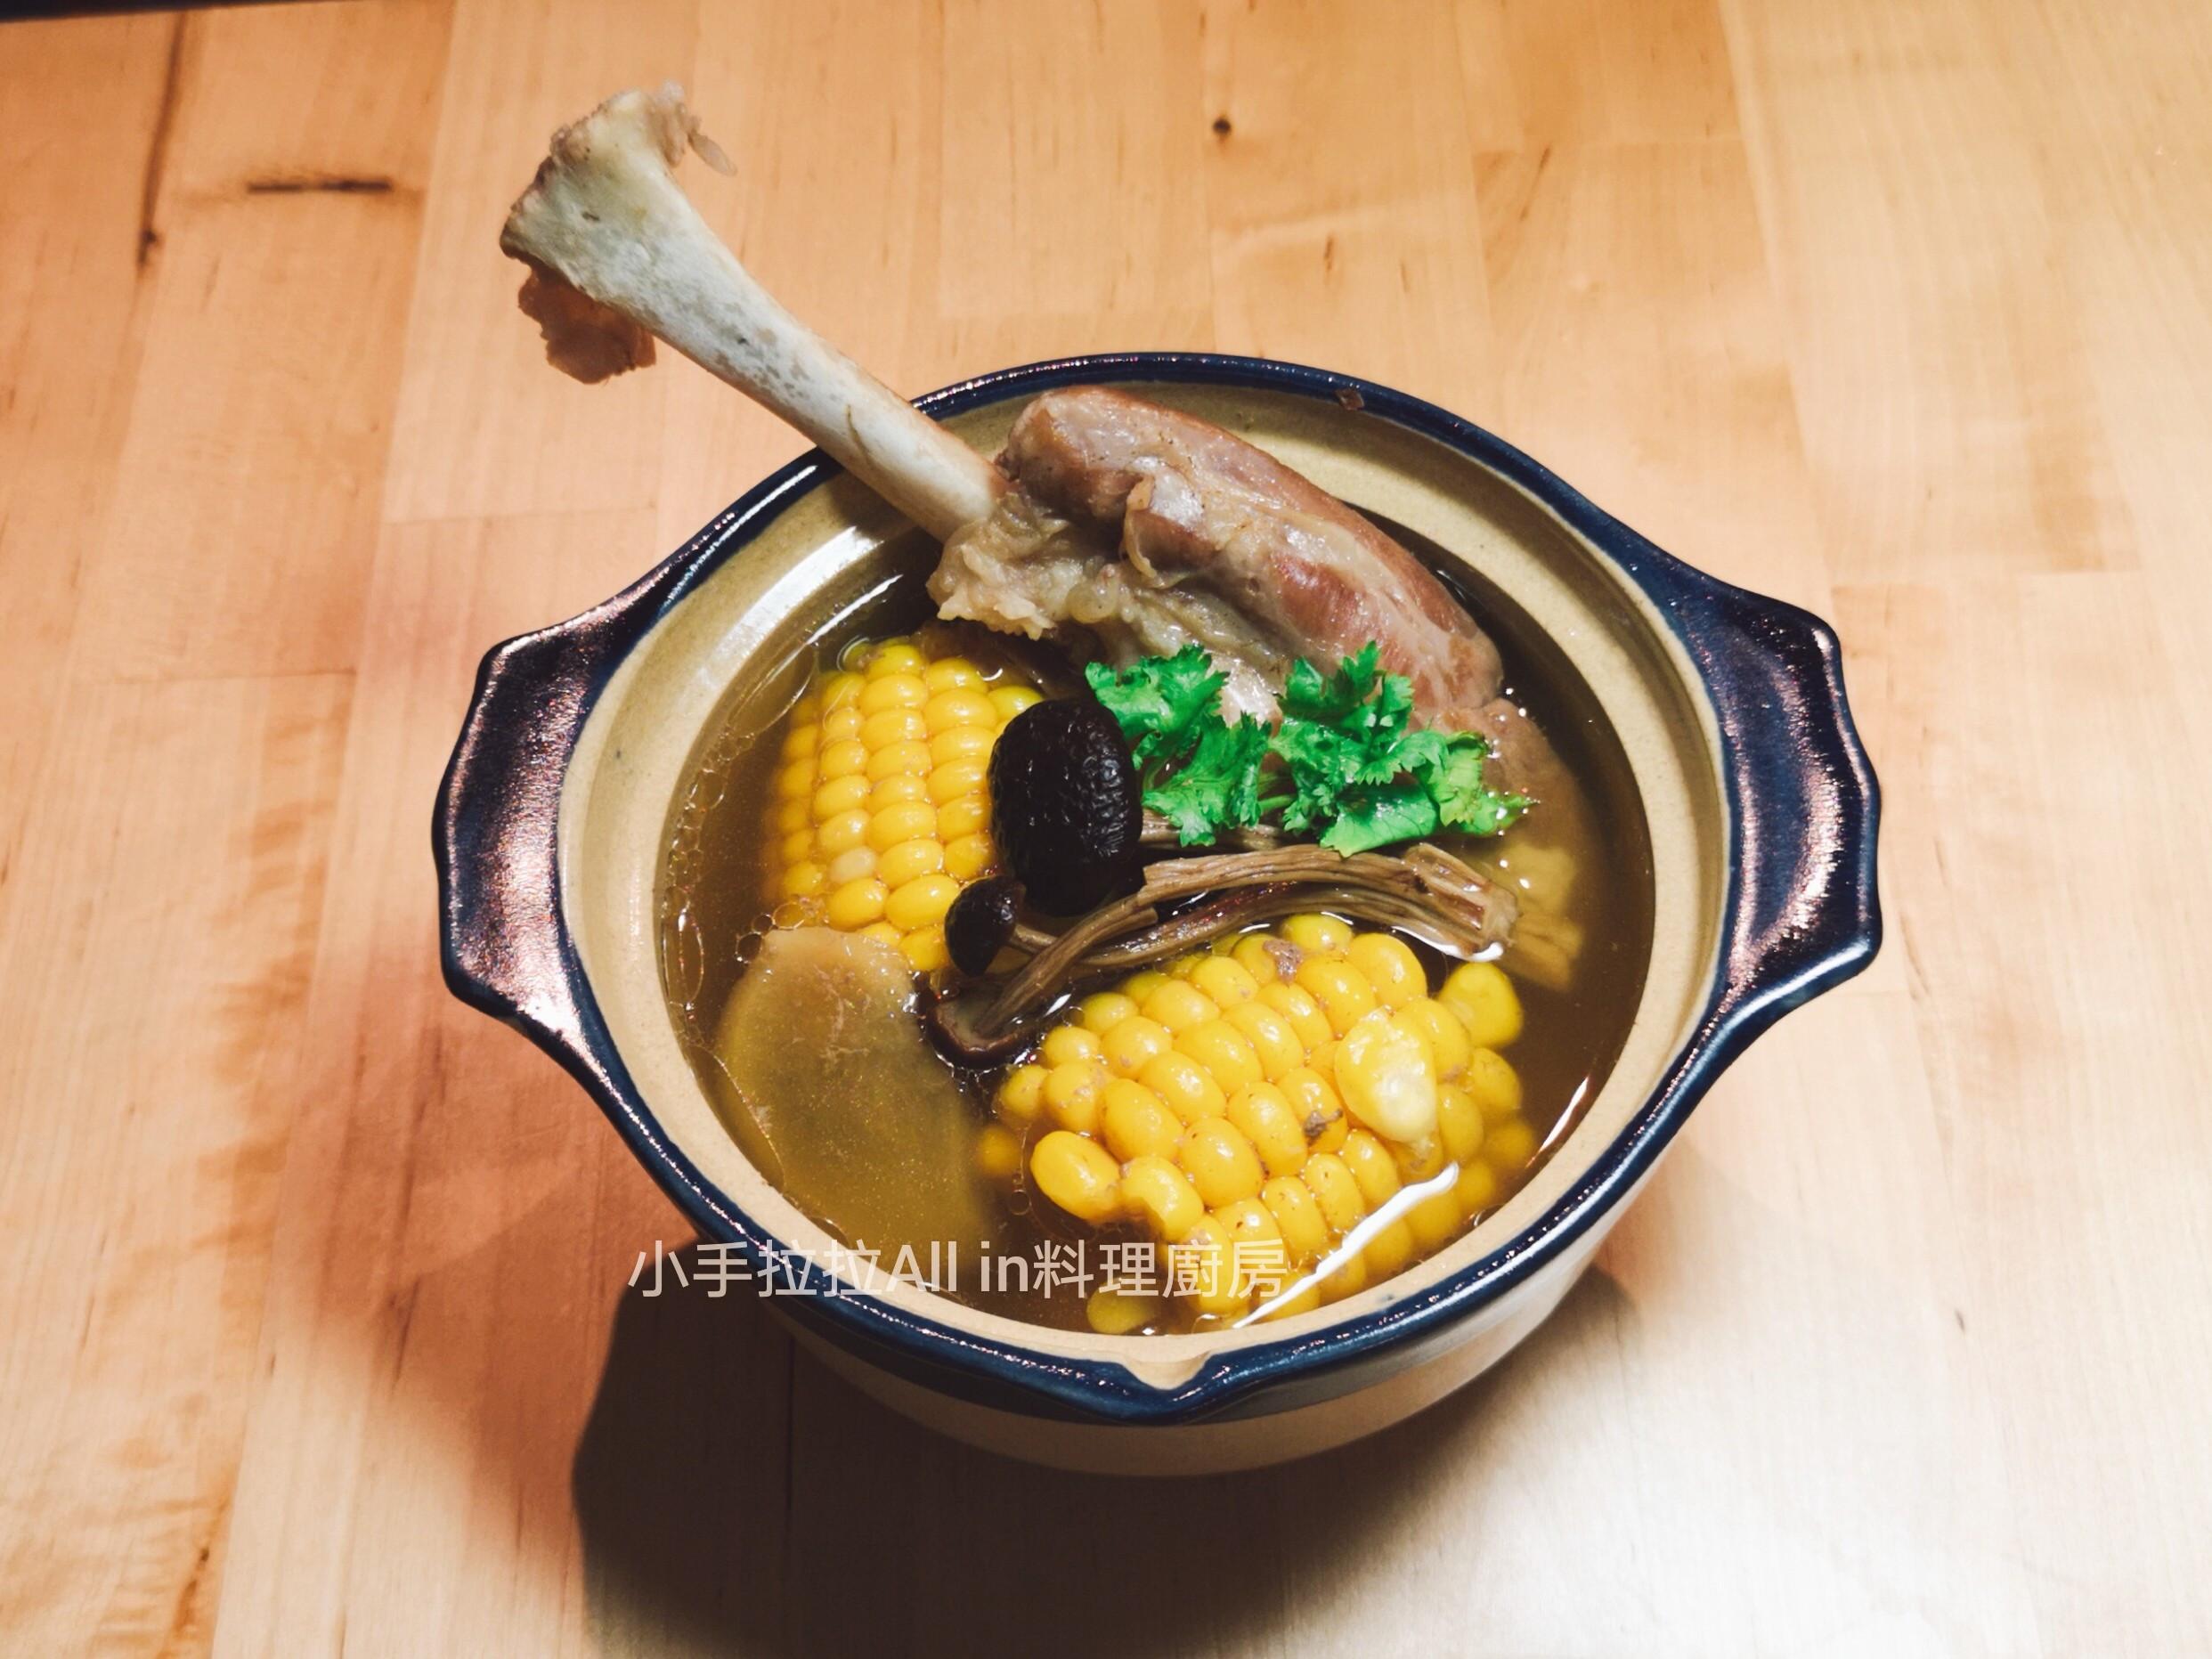 柳松菇玉米排骨湯